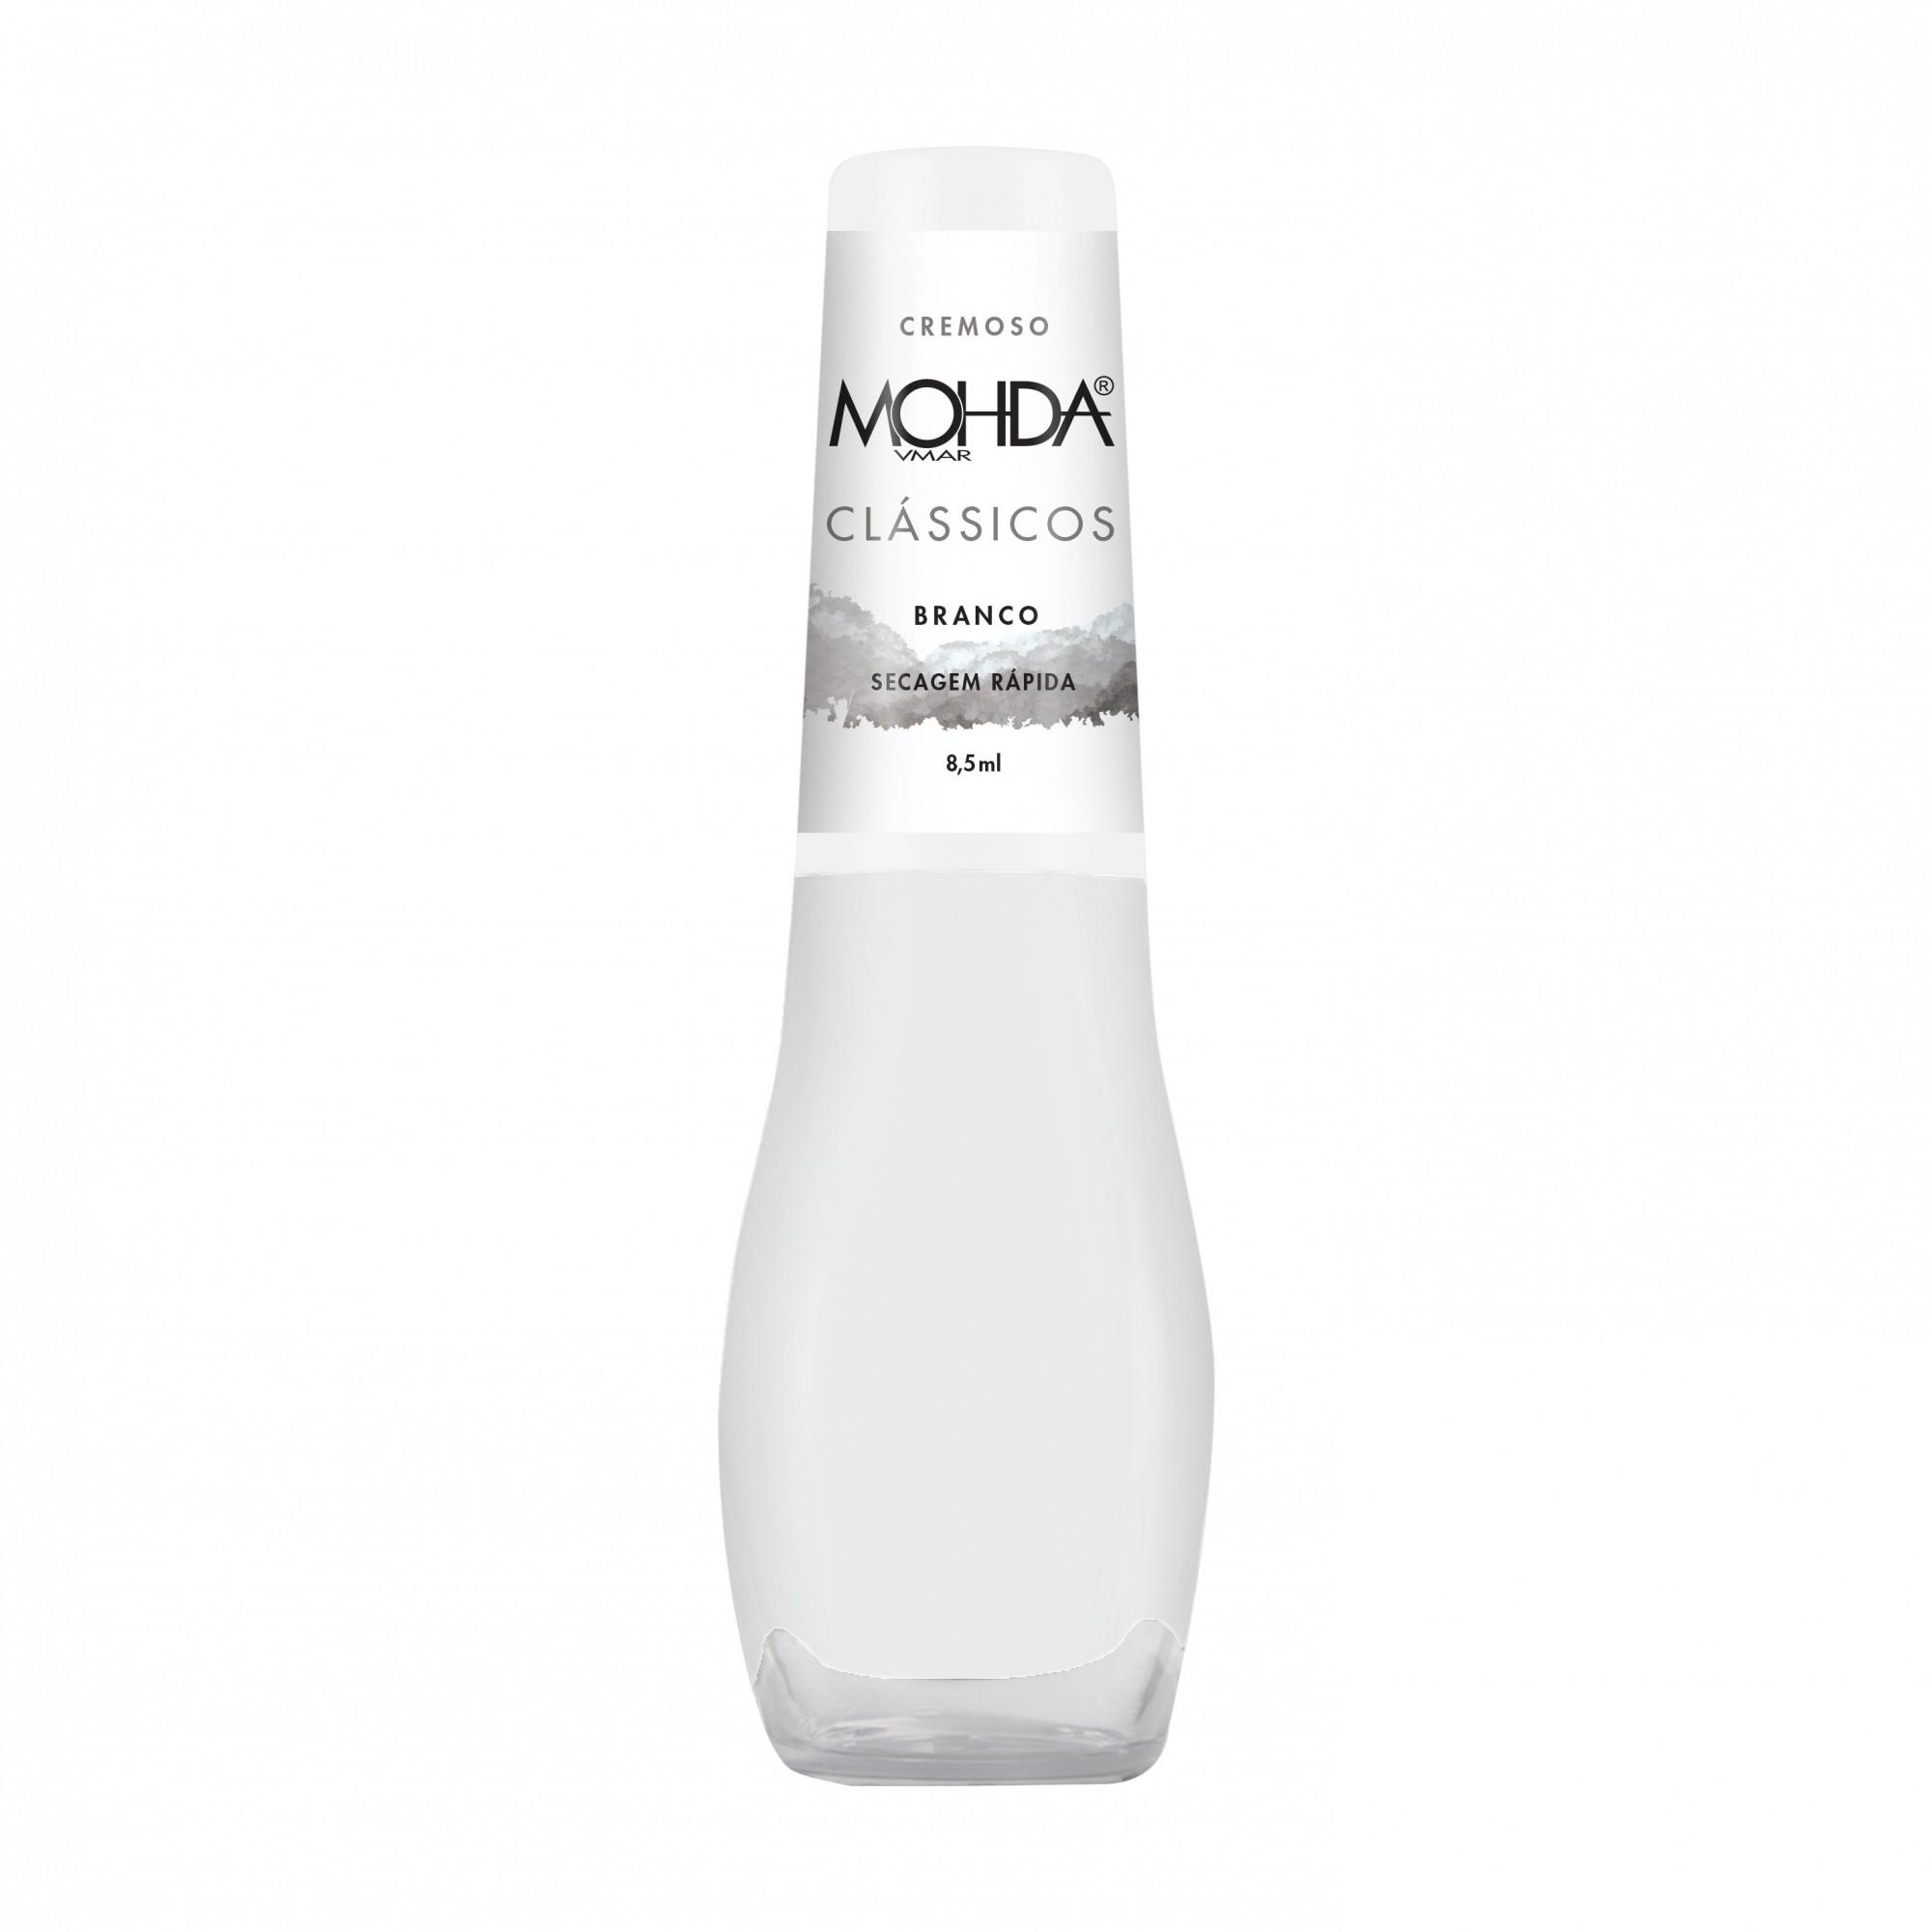 Esmalte Mohda Cremoso - Branco  - E-Mohda